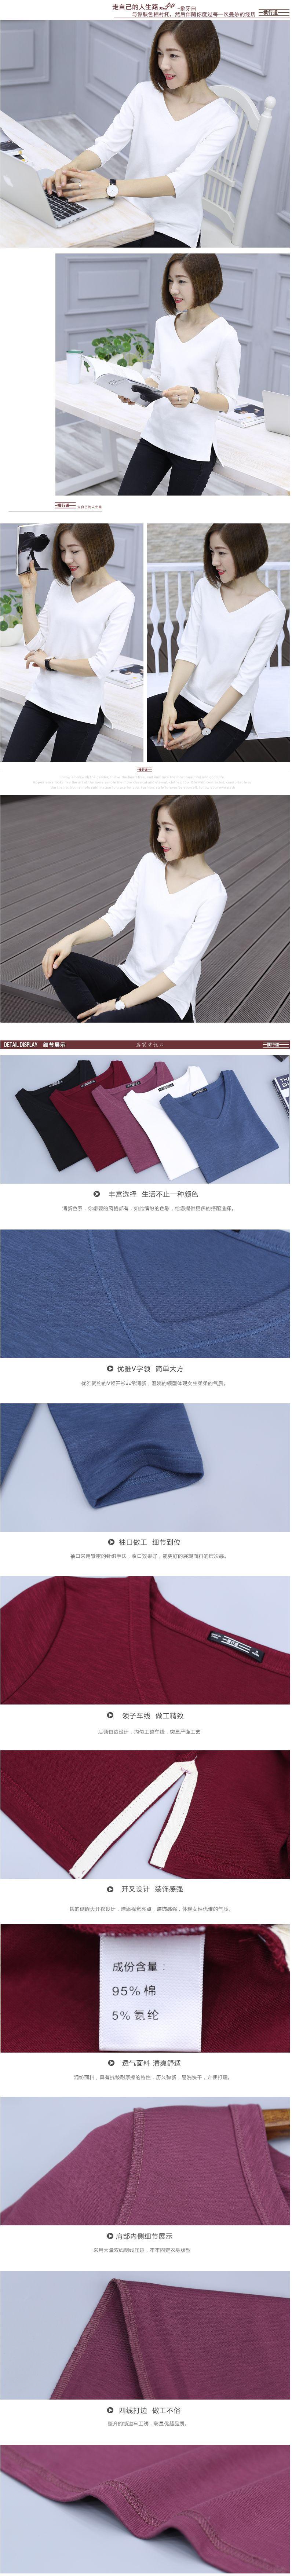 เสื้อคอวีแขนสามส่วนแฟชั่นเกาหลี